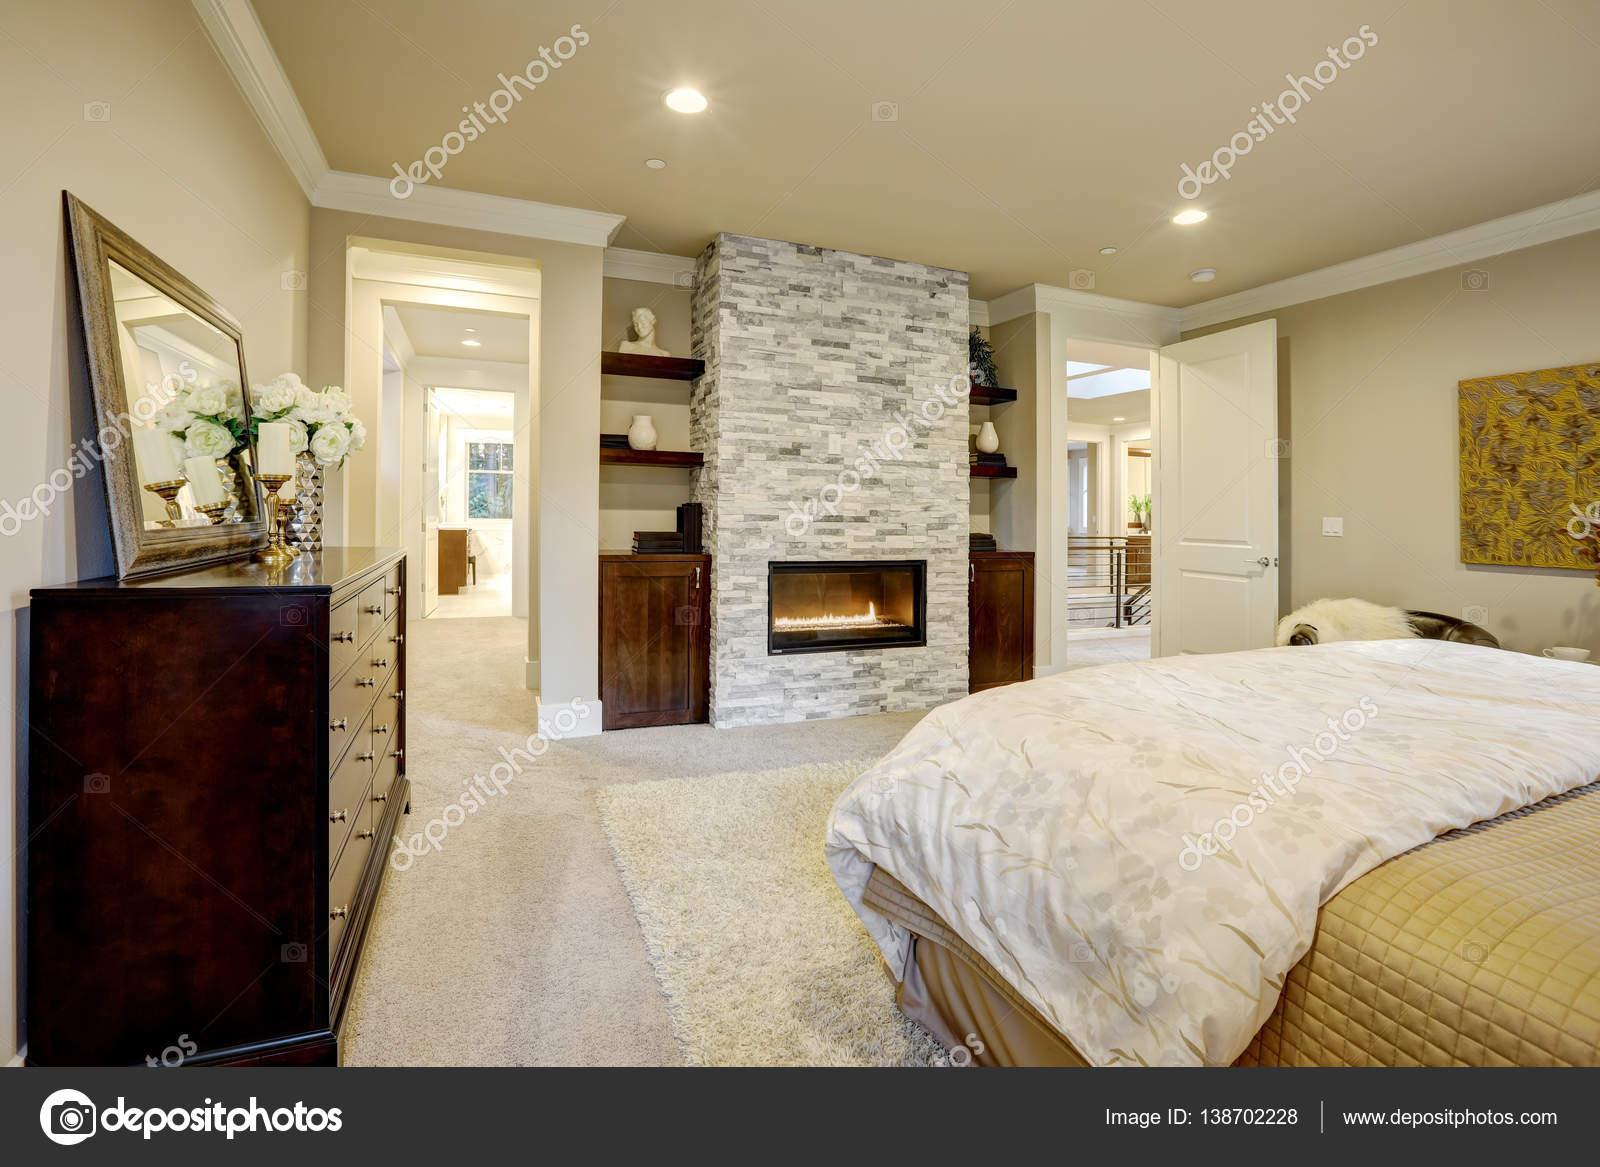 beige y marrn dormitorio cuenta con cama de reina frente a la hermosa chimenea de piedra enmarcado por estantes noroeste nos u foto de irianaw